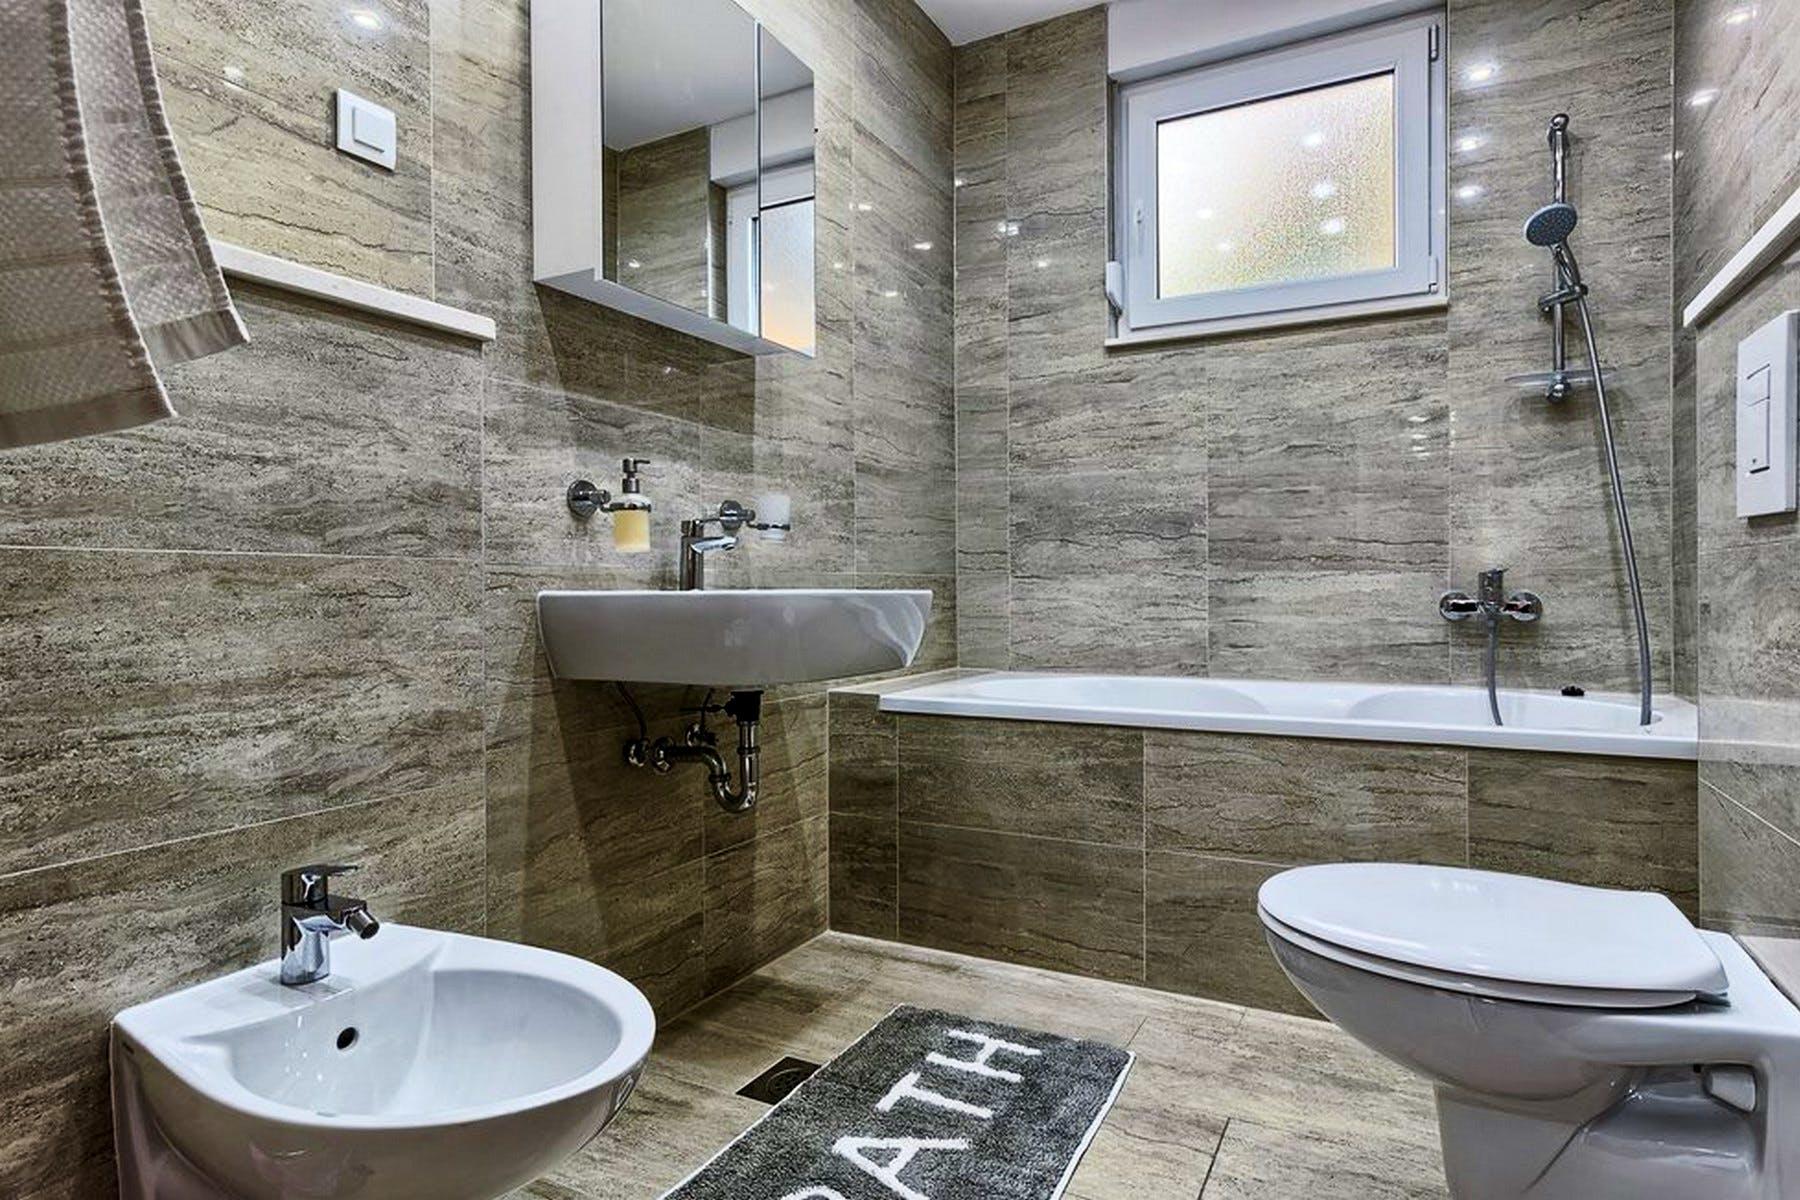 Spacious bathroom with a tub